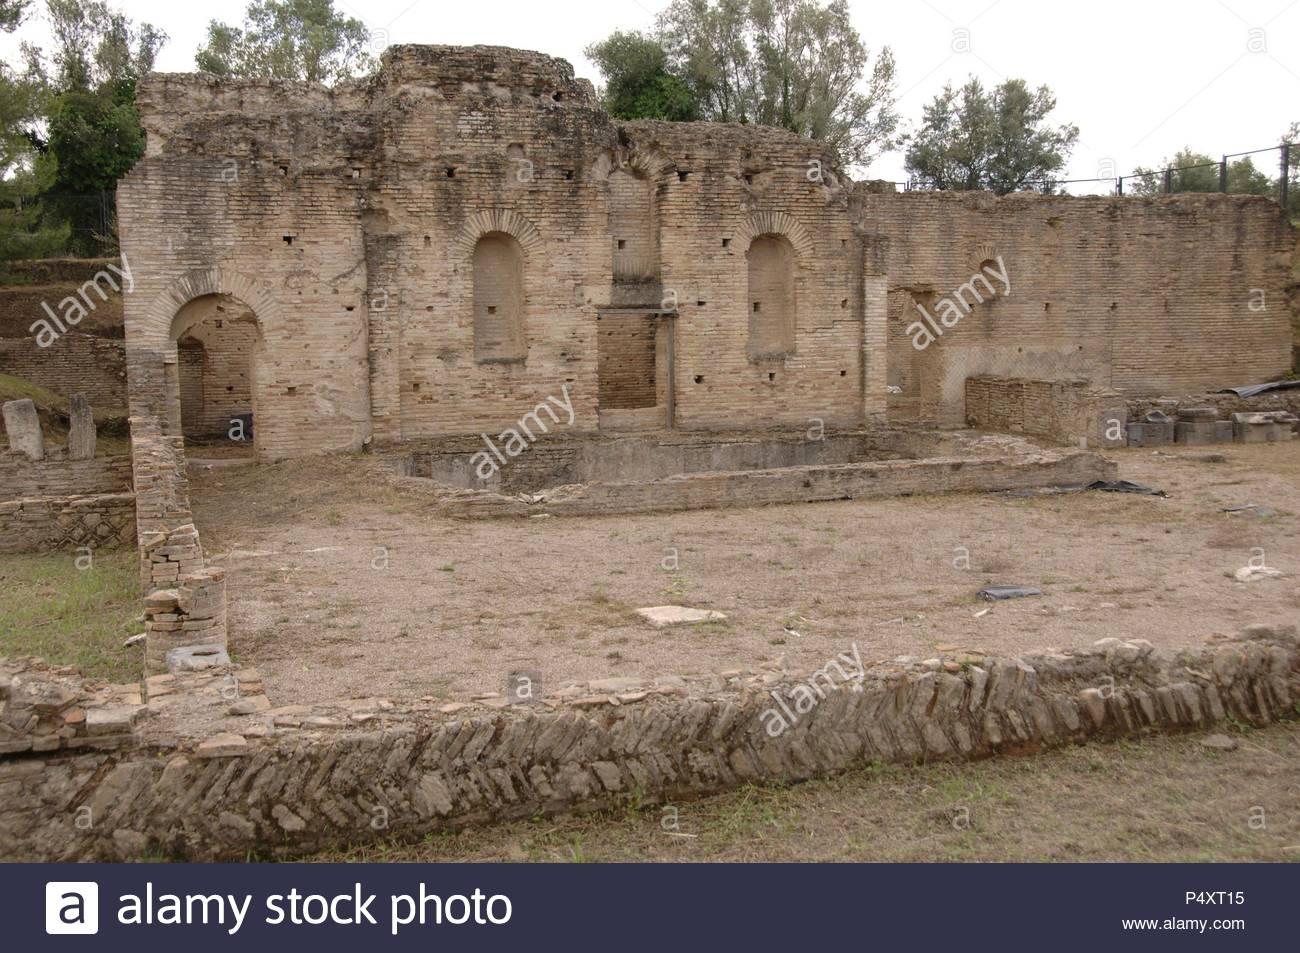 Arte greche il leonidaion luogo di alloggio per gli atleti che